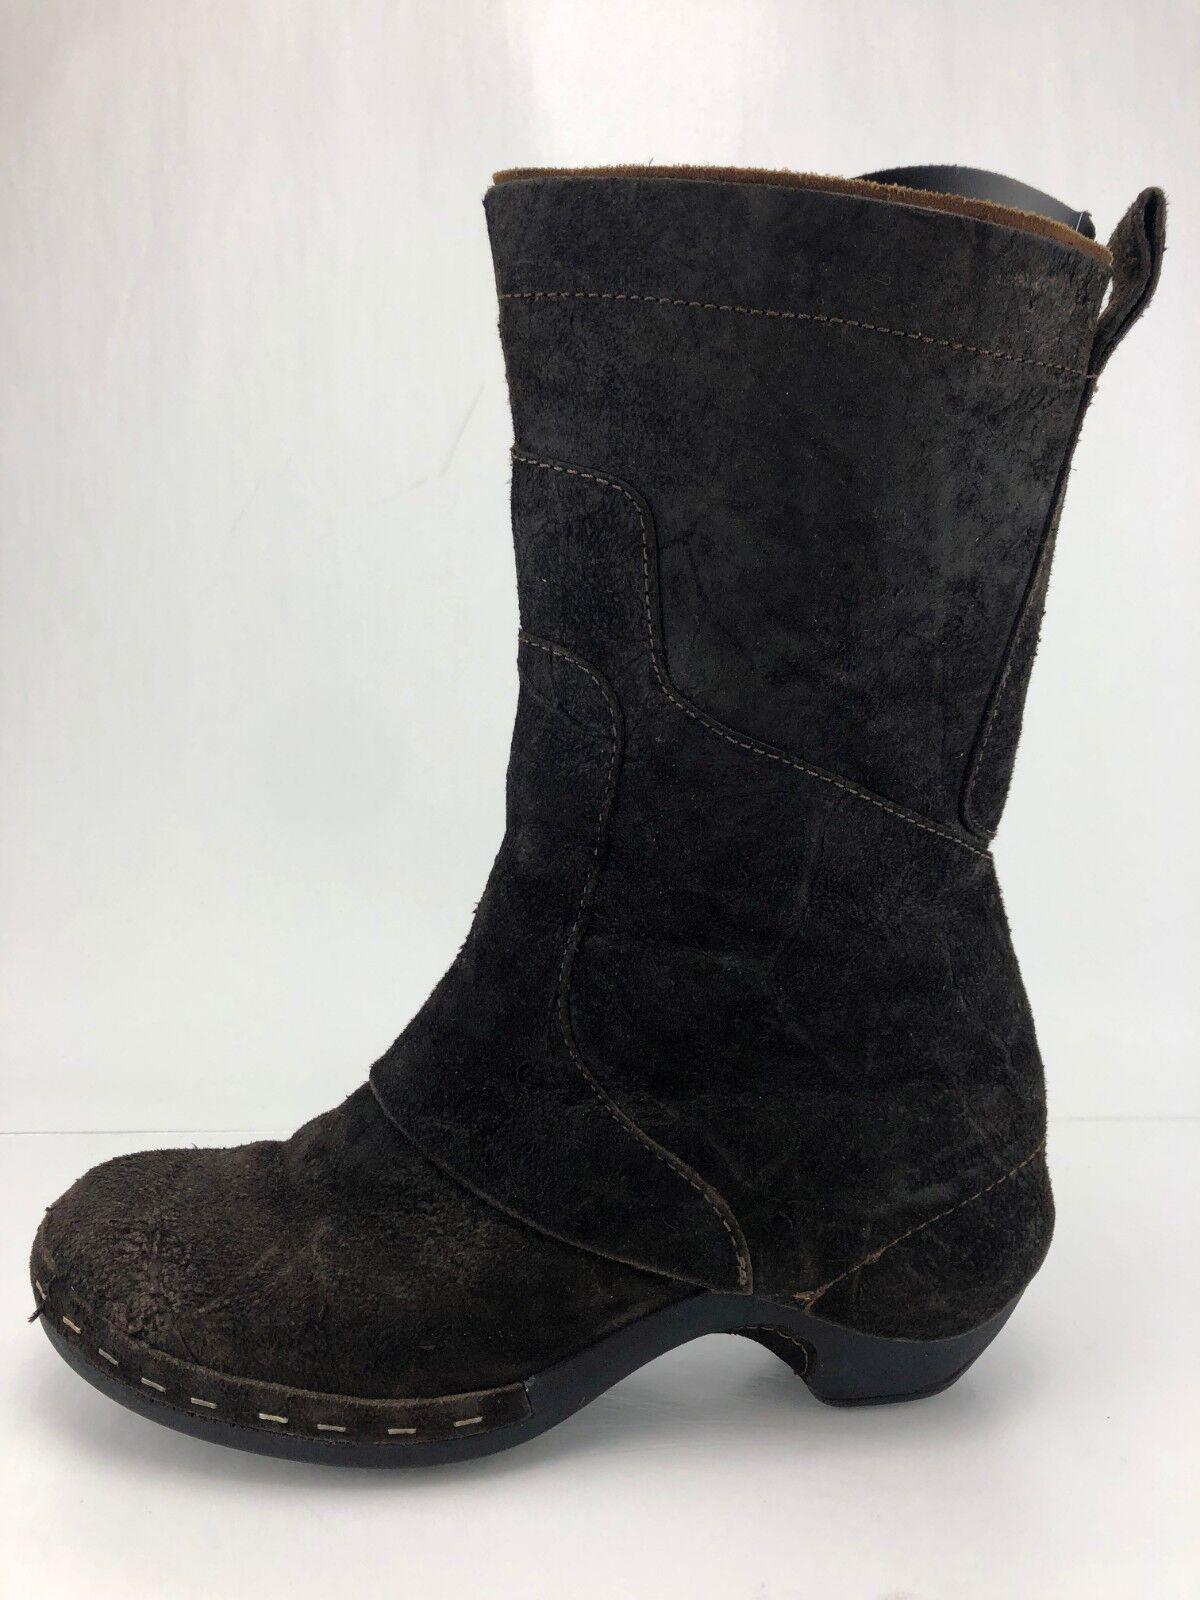 Merrell Luxe Stiefel Espresso braun Suede Zip Mid Calf Heel Stiefelies damen 10